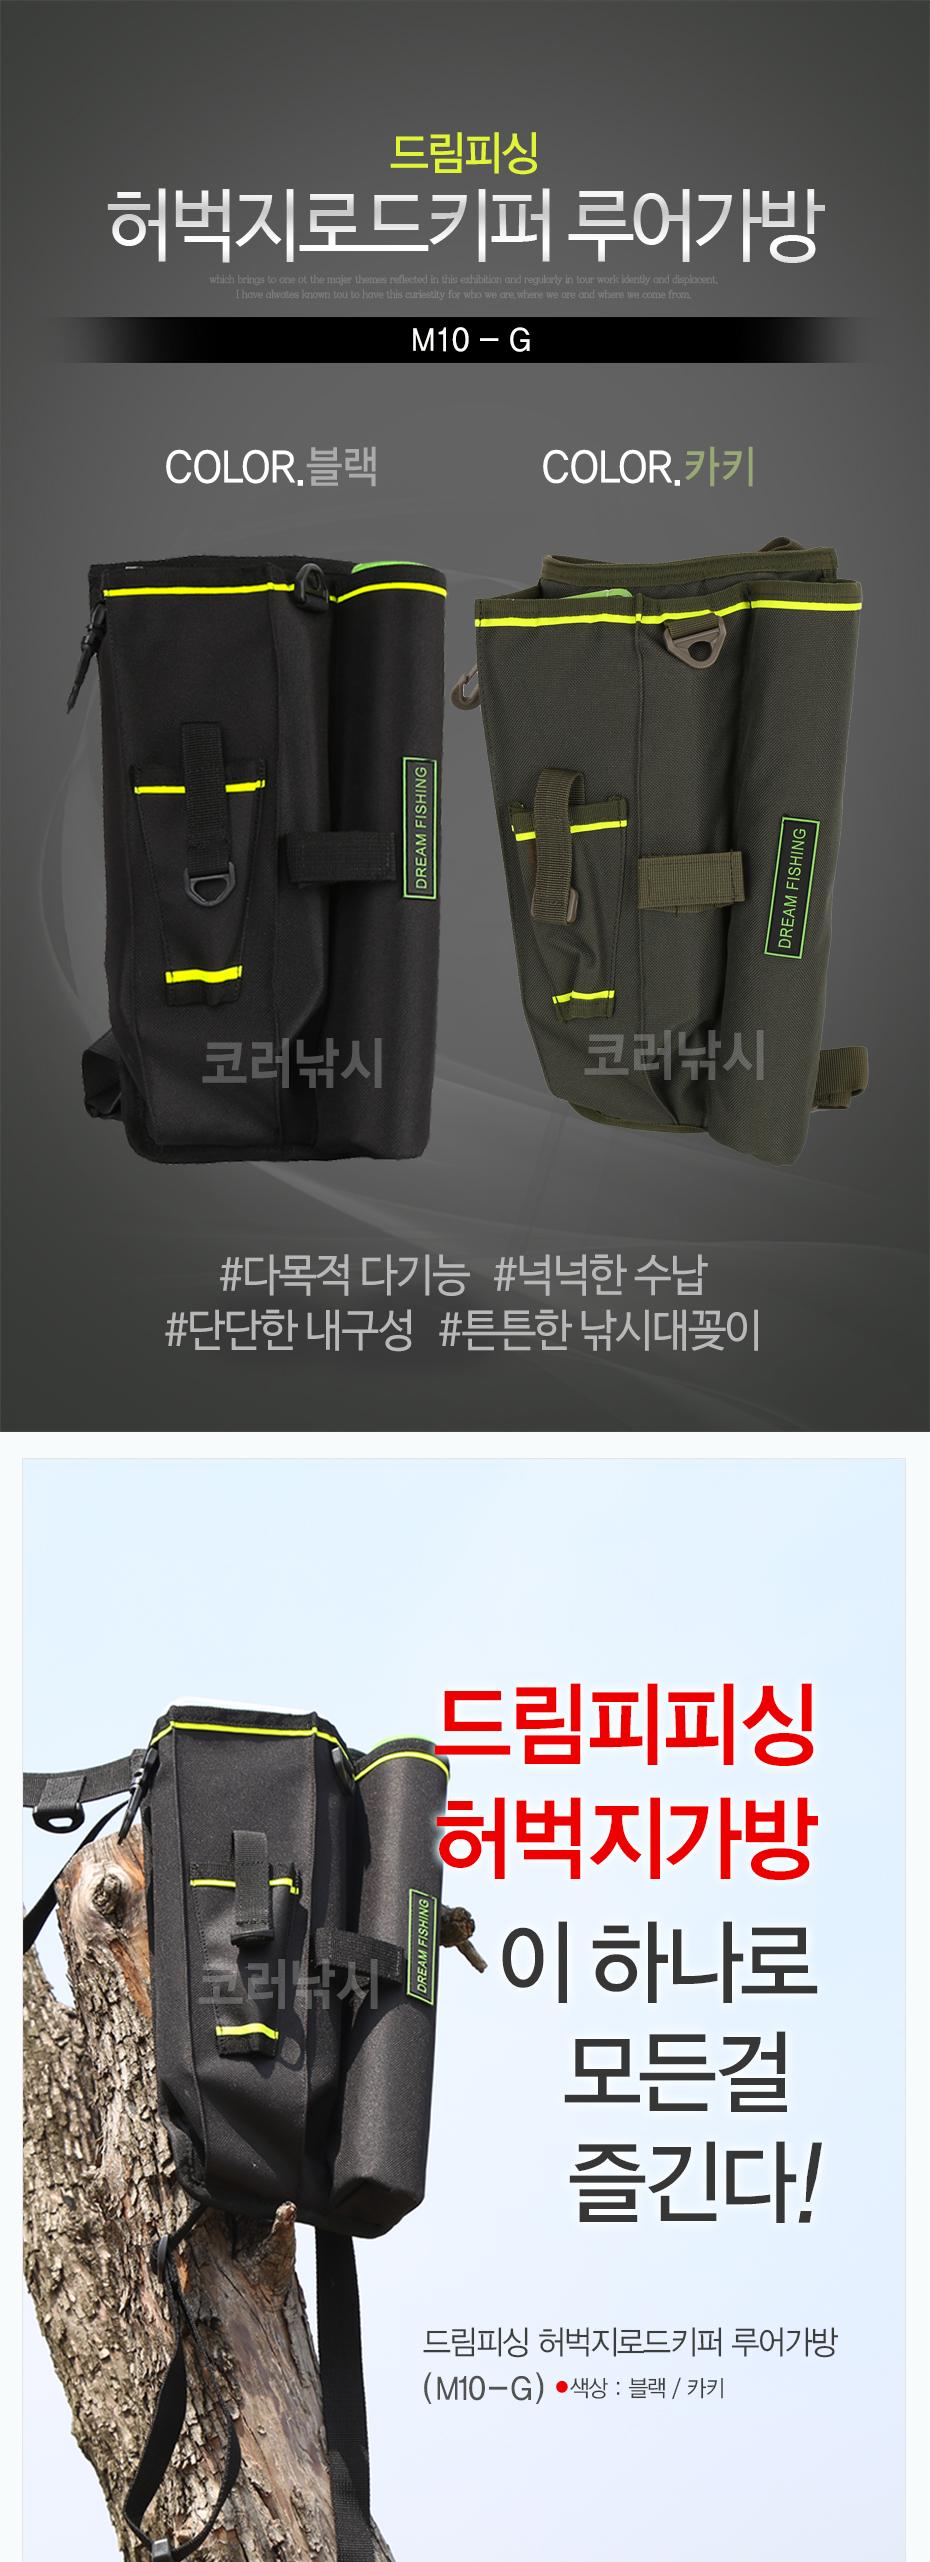 드림피싱 허벅지로드키퍼 루어가방 (M10-G) 배스루어가방 루어보조가방 힙색 루어힙색 로드거치대허벅지가방 루어가방 배스